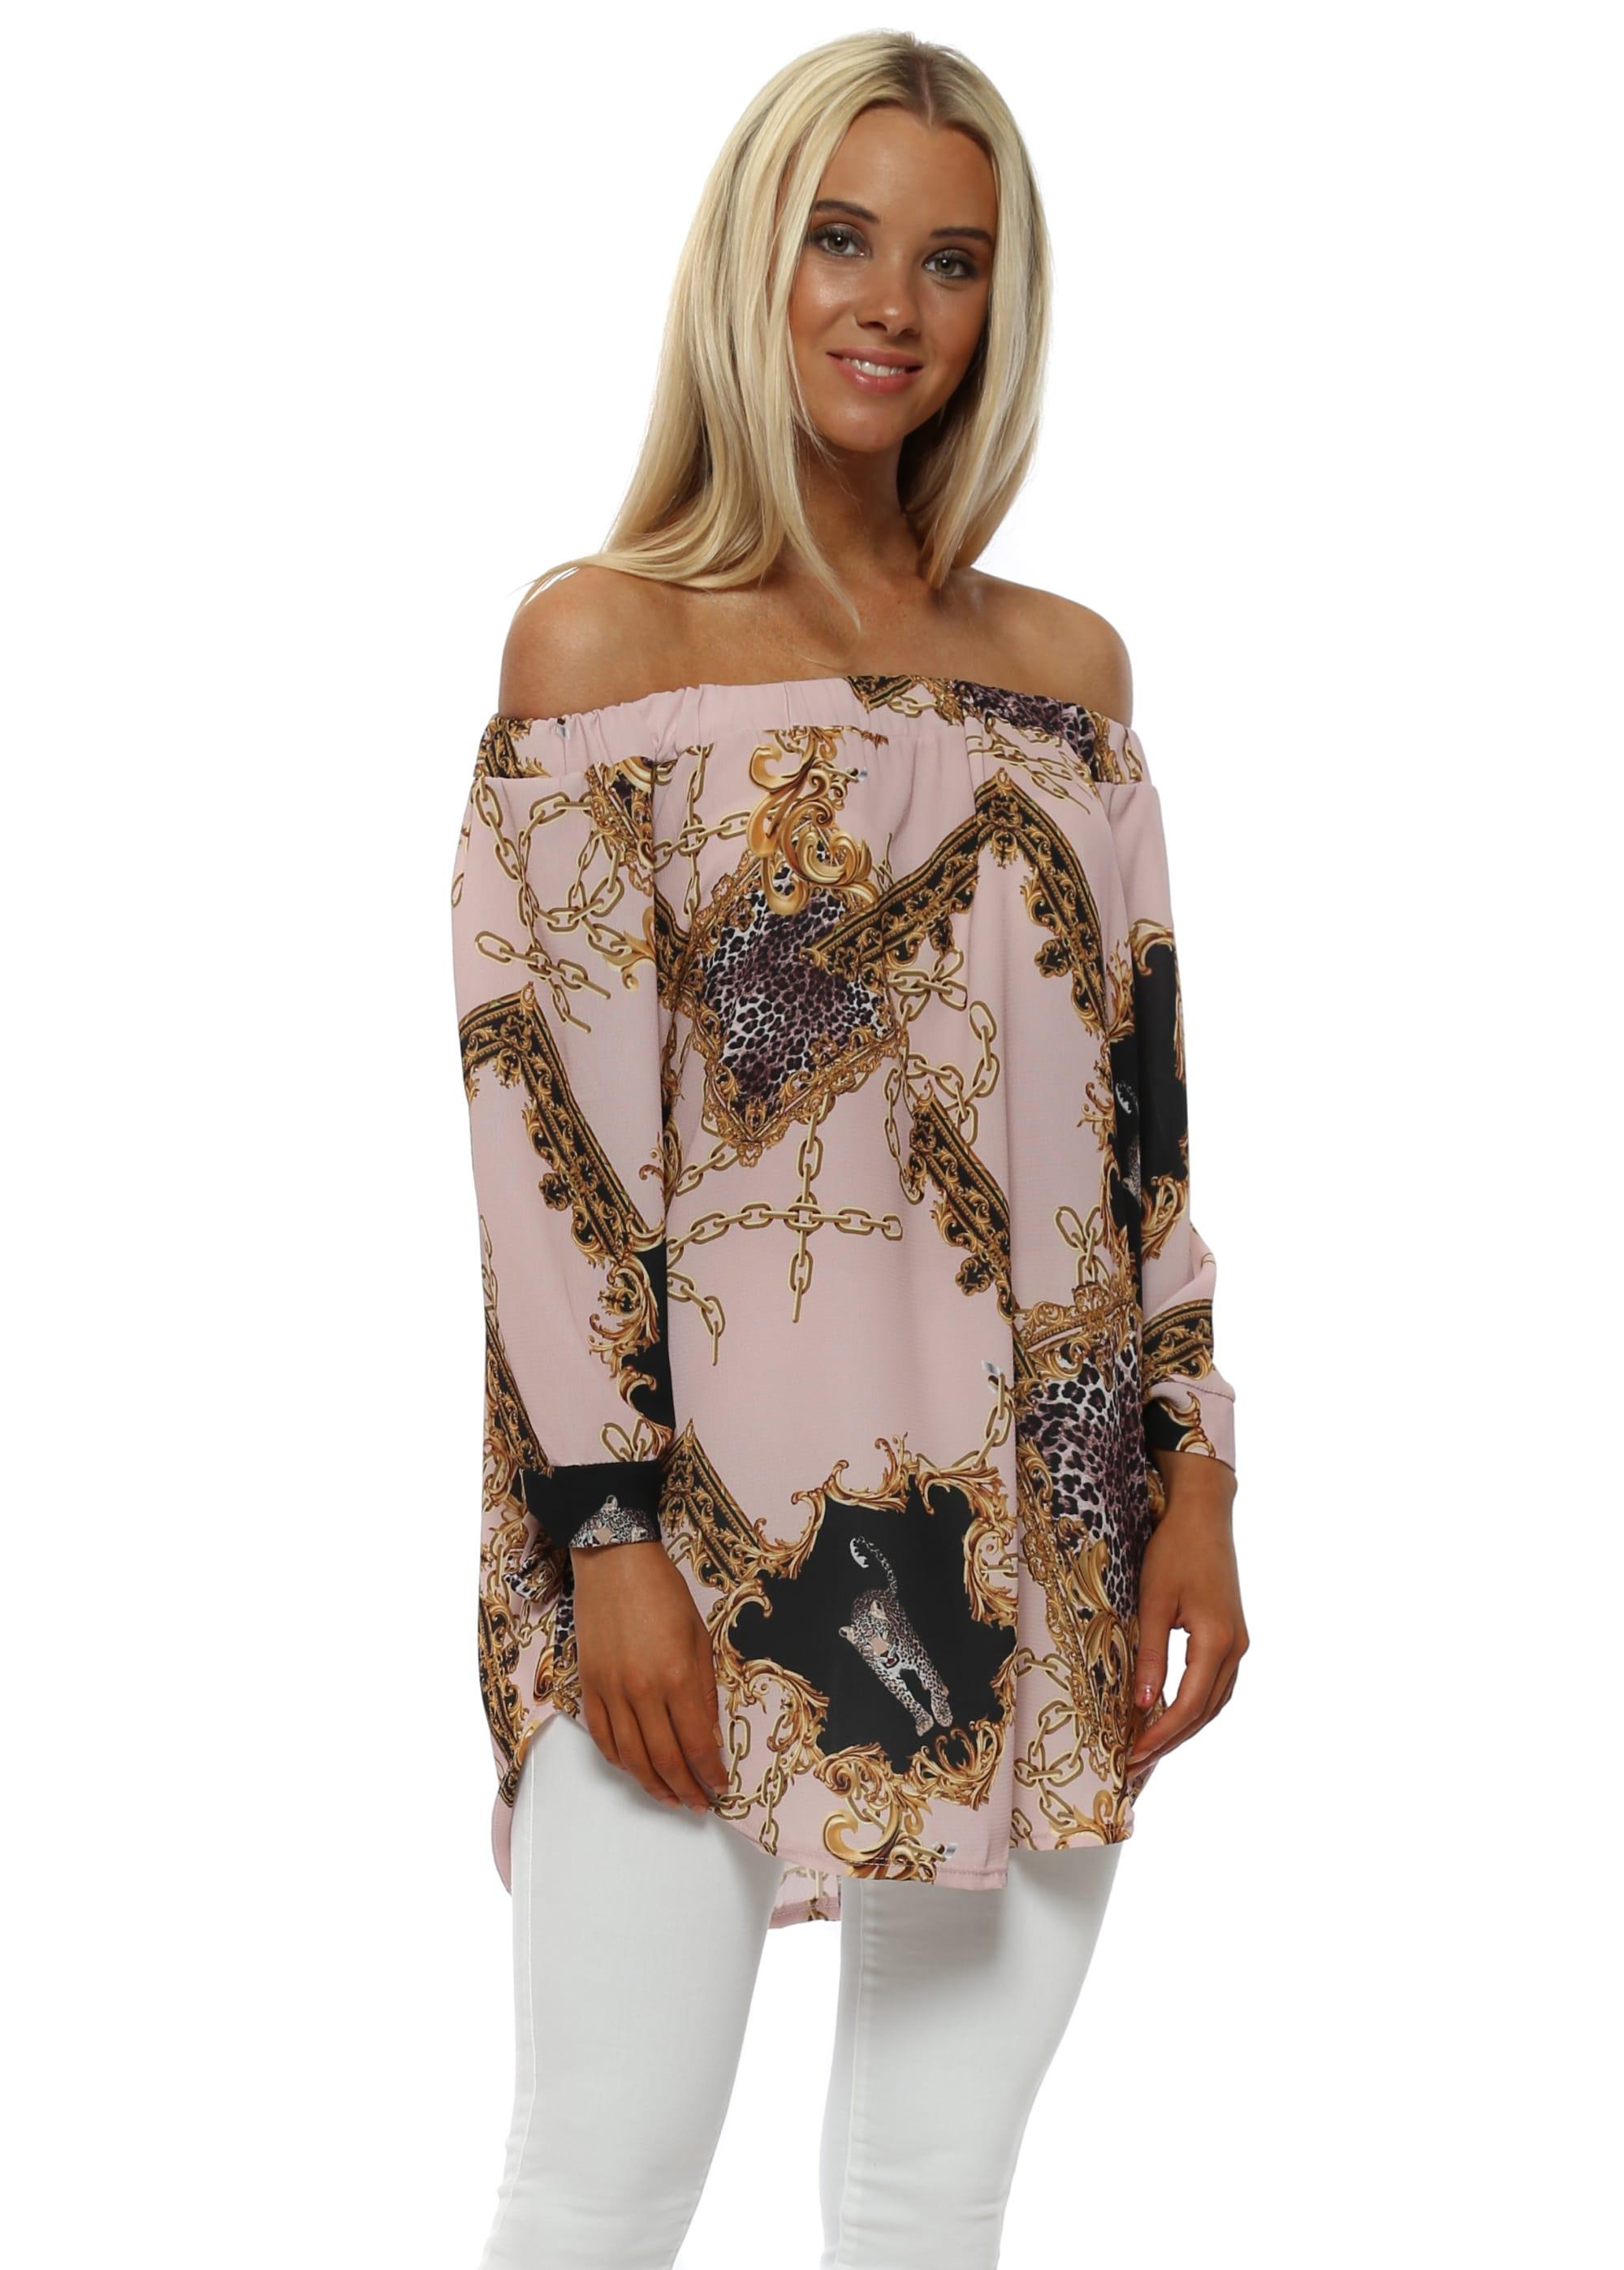 fd12b23b775 Gold Chain & Leopard Print Dusky Pink Bardot Top